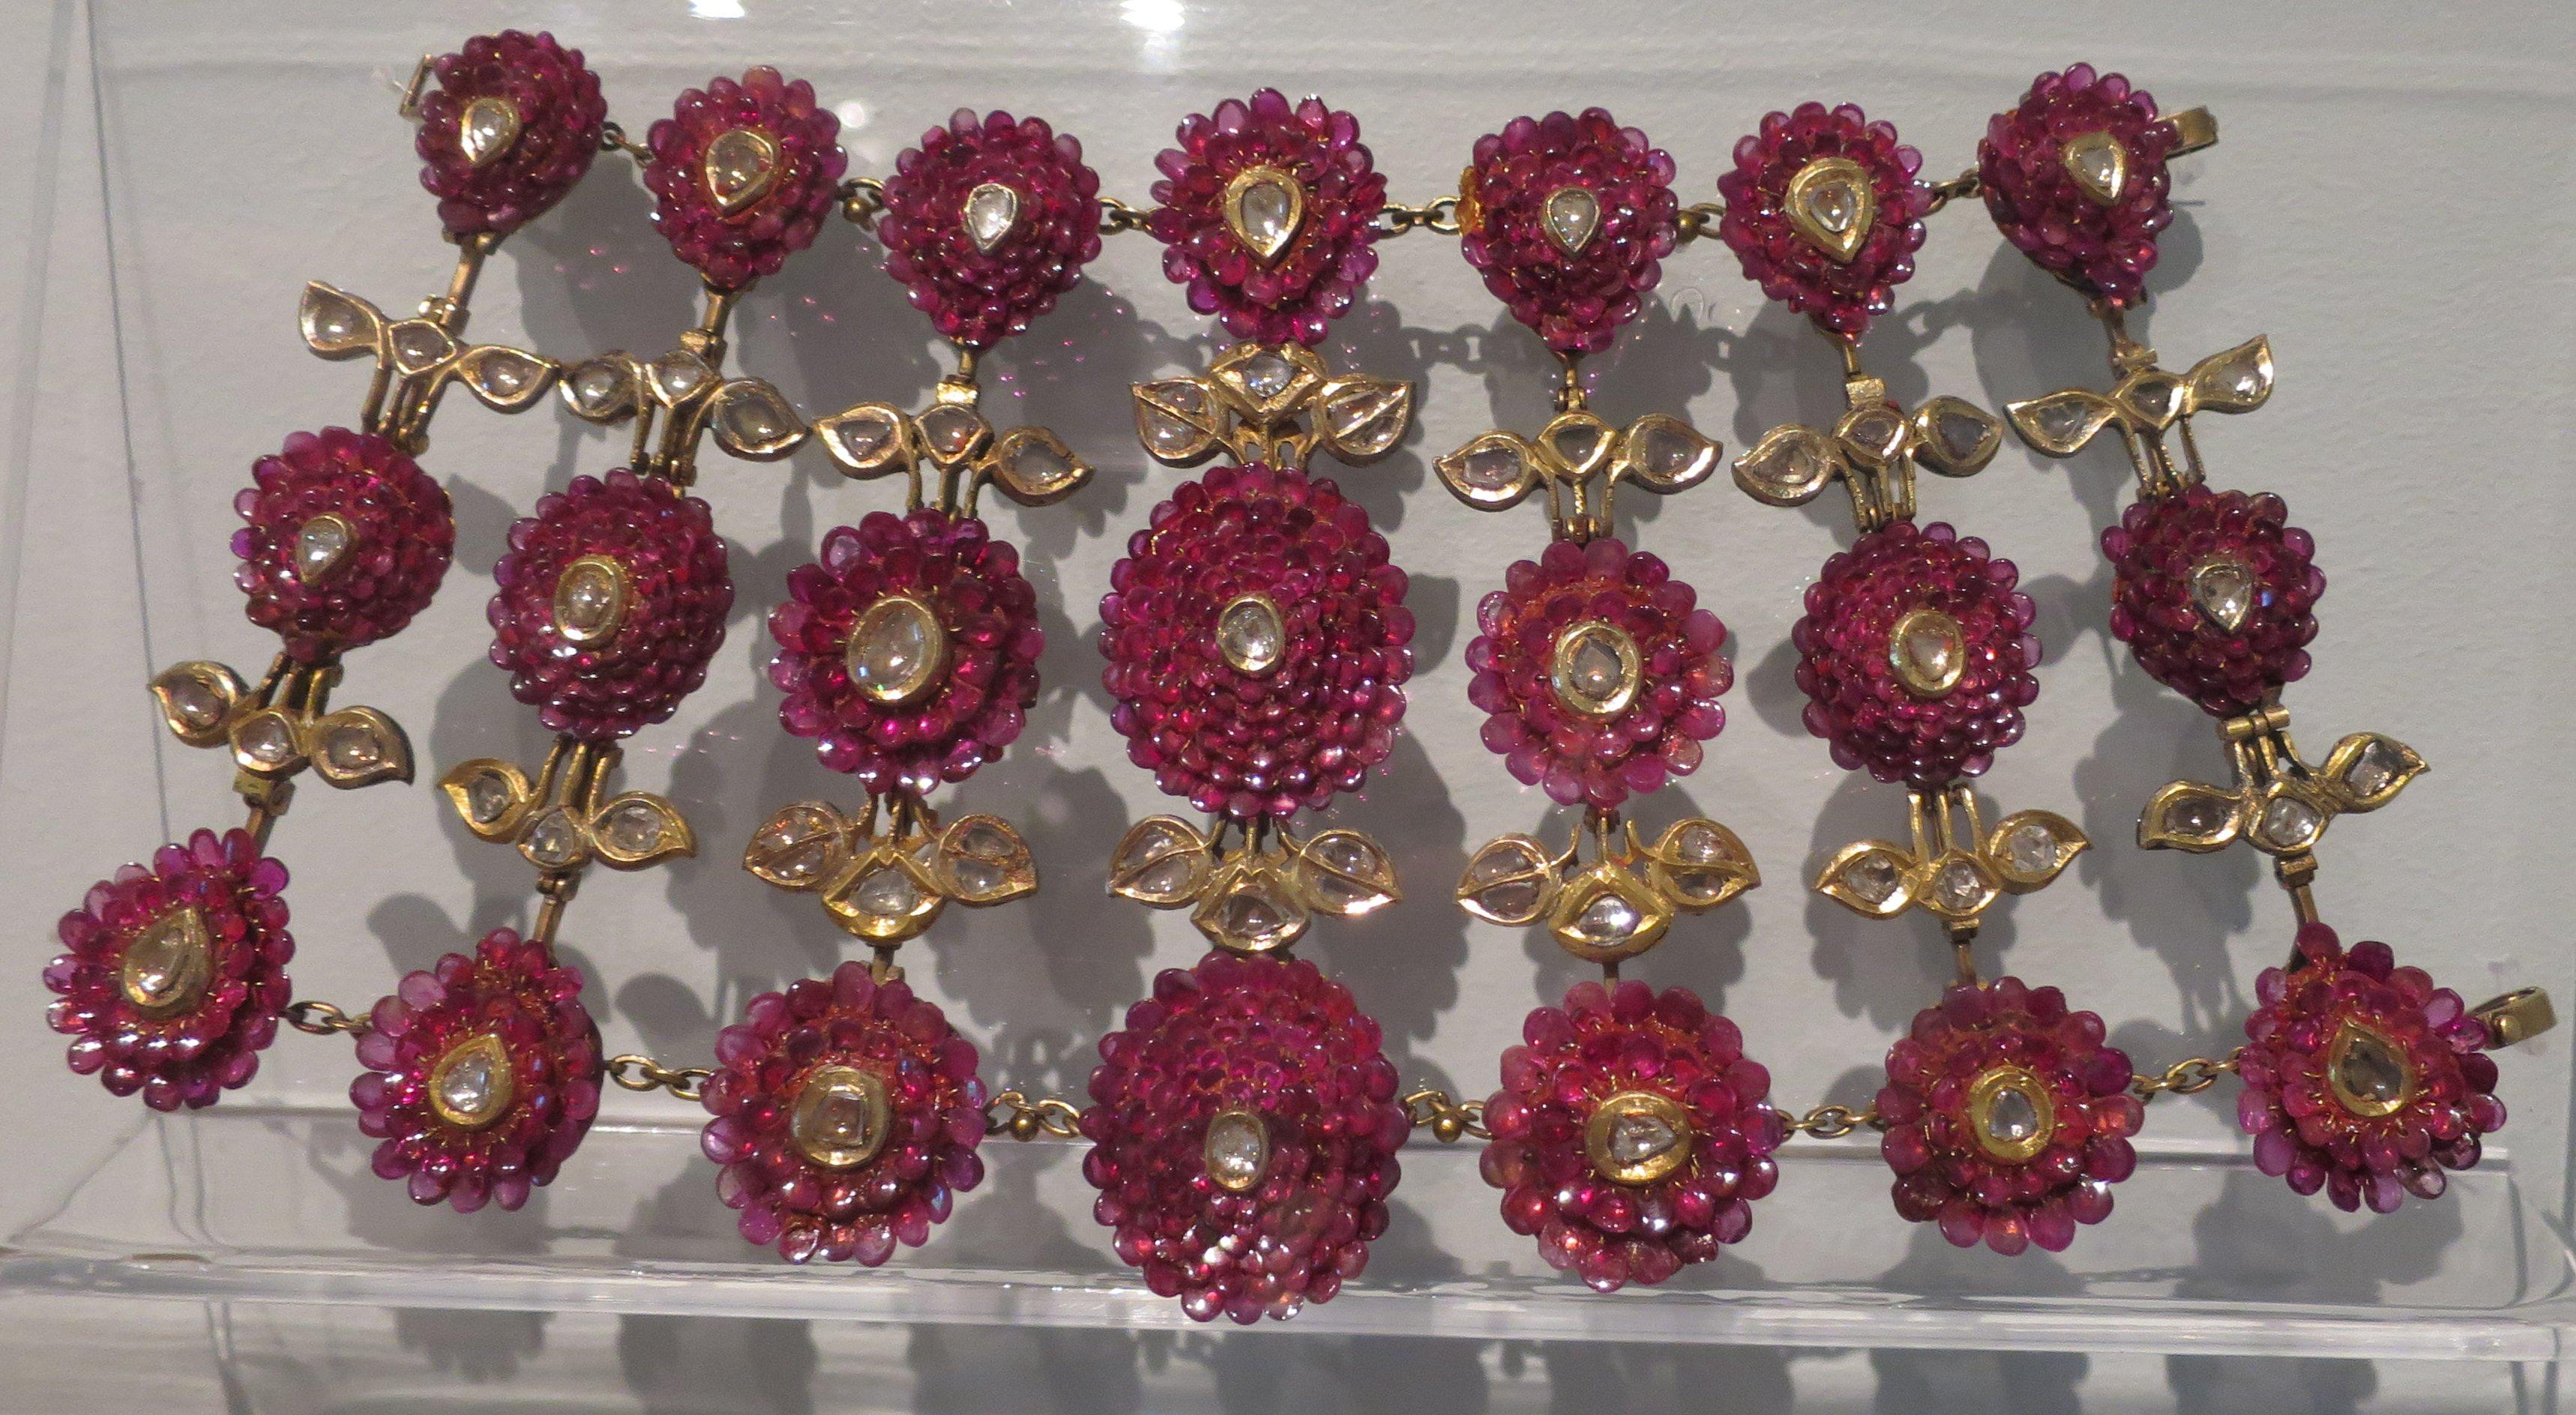 File:Bracelet from India, Doris Duke Foundation for Islamic